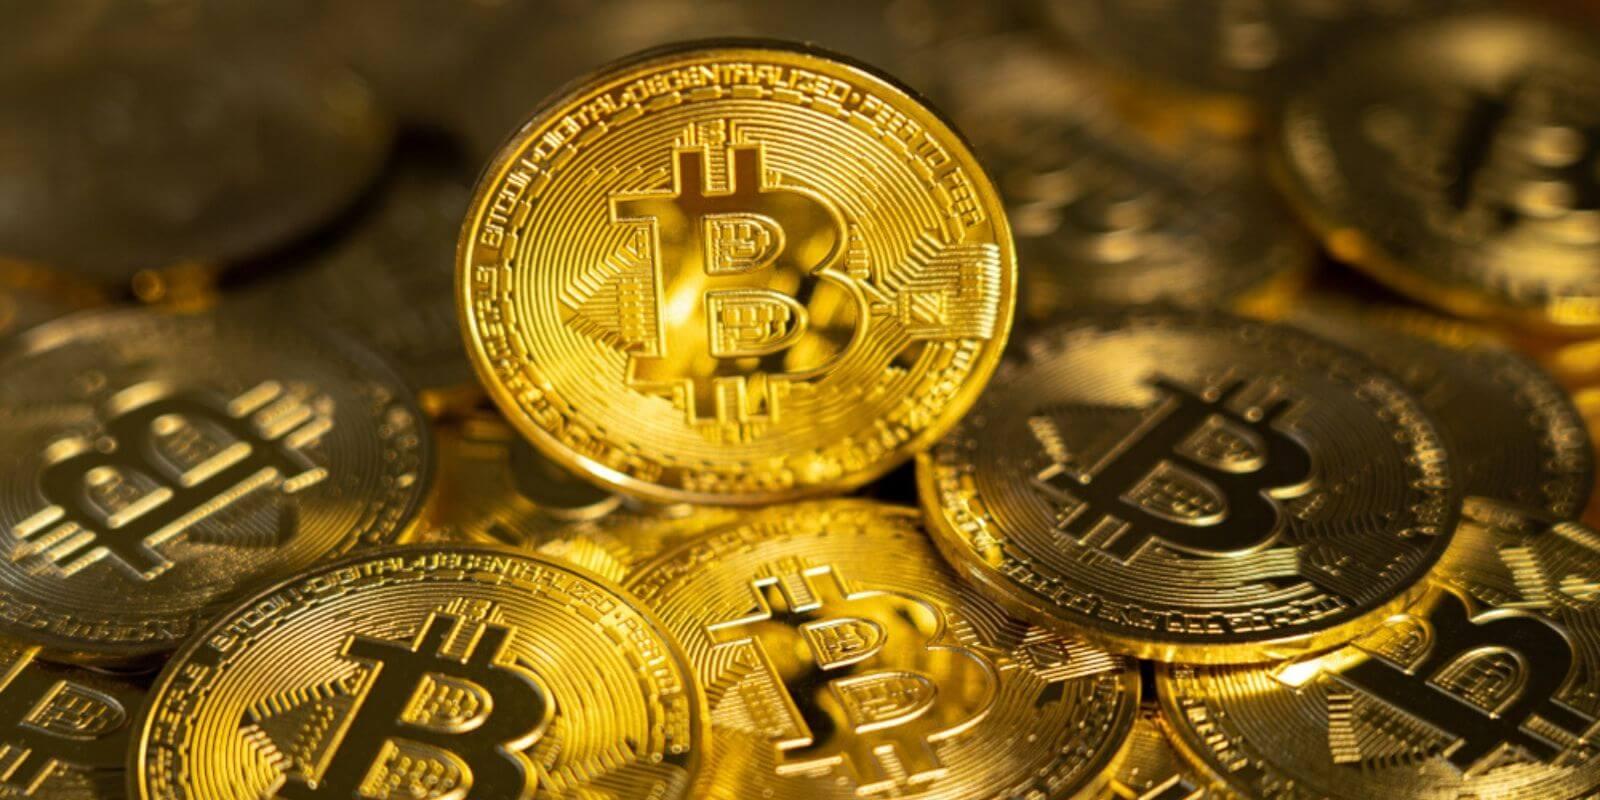 Analyse de CoinMetrics : 1.5 million de BTC seraient définitivement perdus